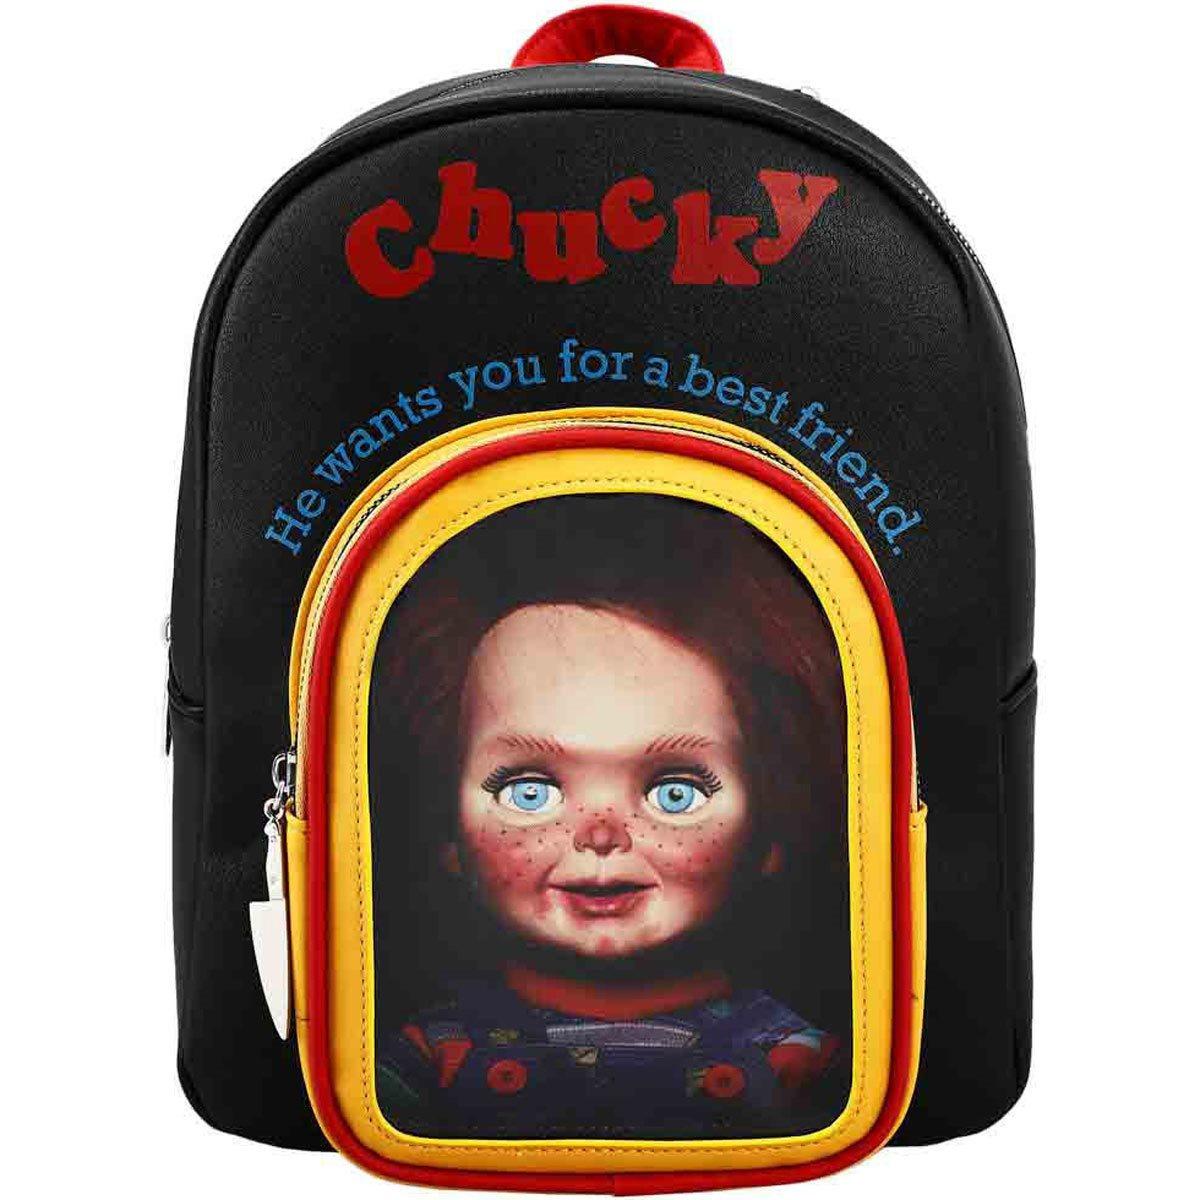 Mini-Mochila Chuky Toy Box de Couro Sintético (Brinquedo Assassino)